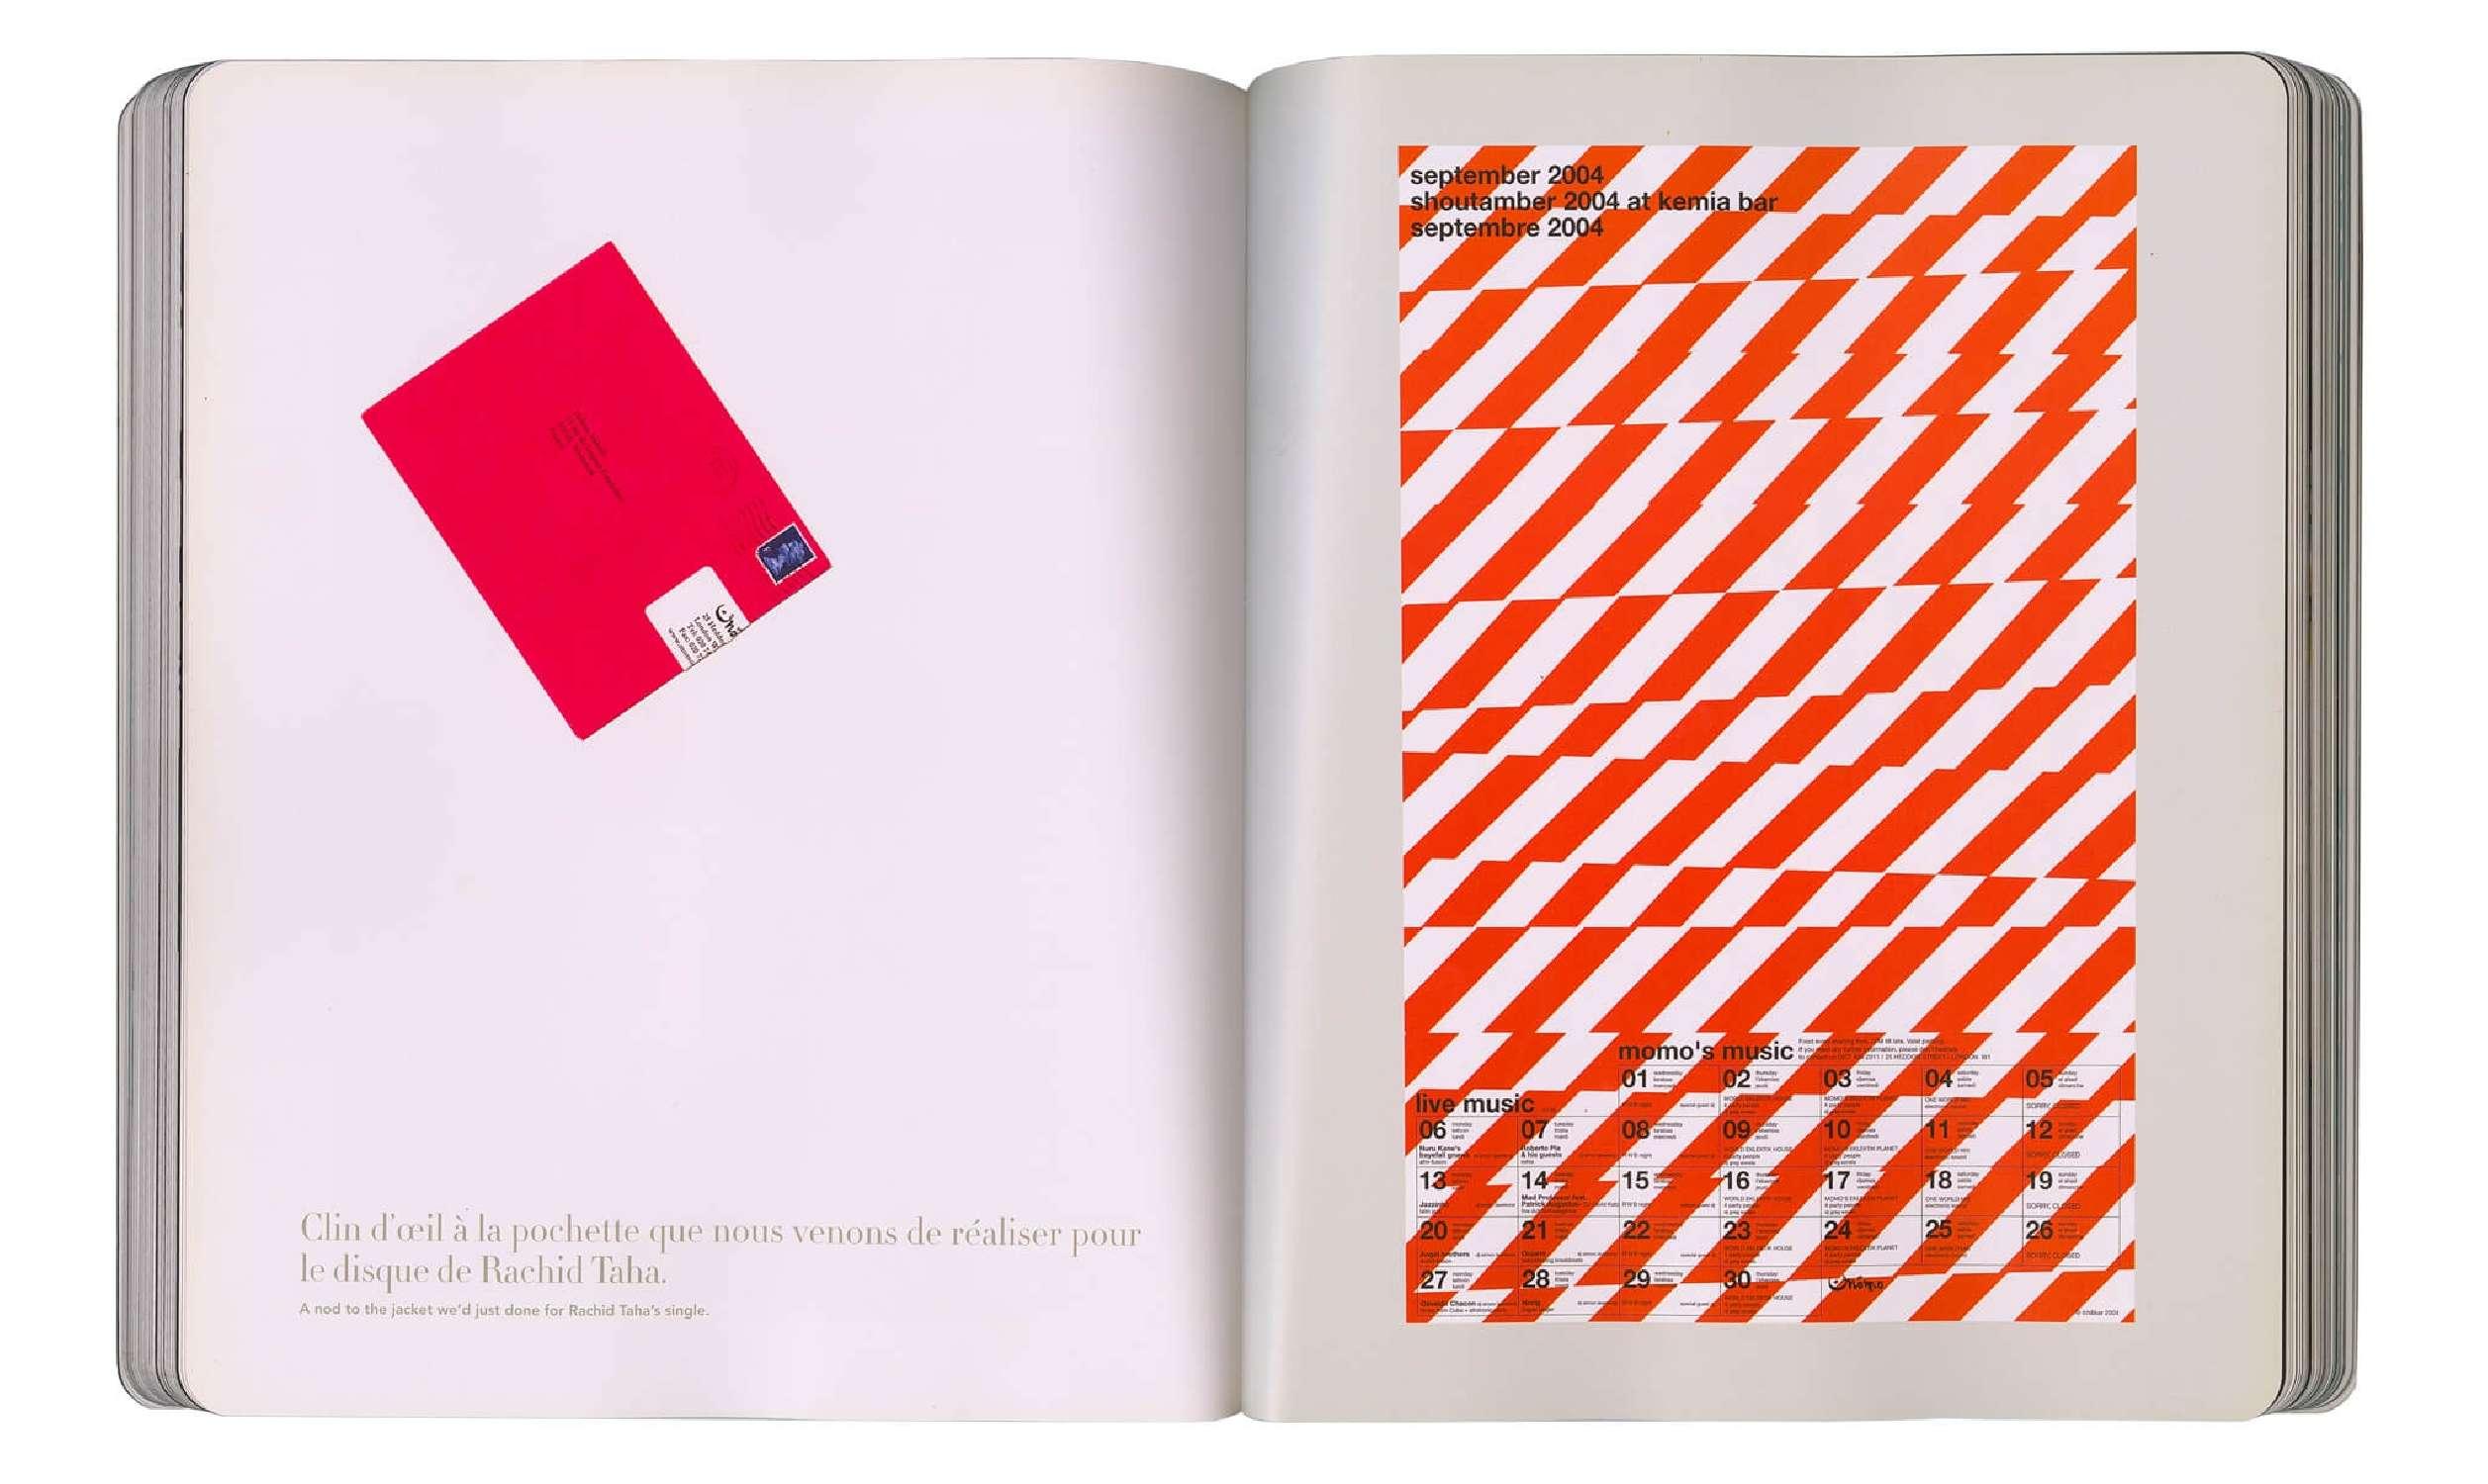 poster Tékitoi par Ich&kar pour Rachid Taha dans le livre IK diary at momo's